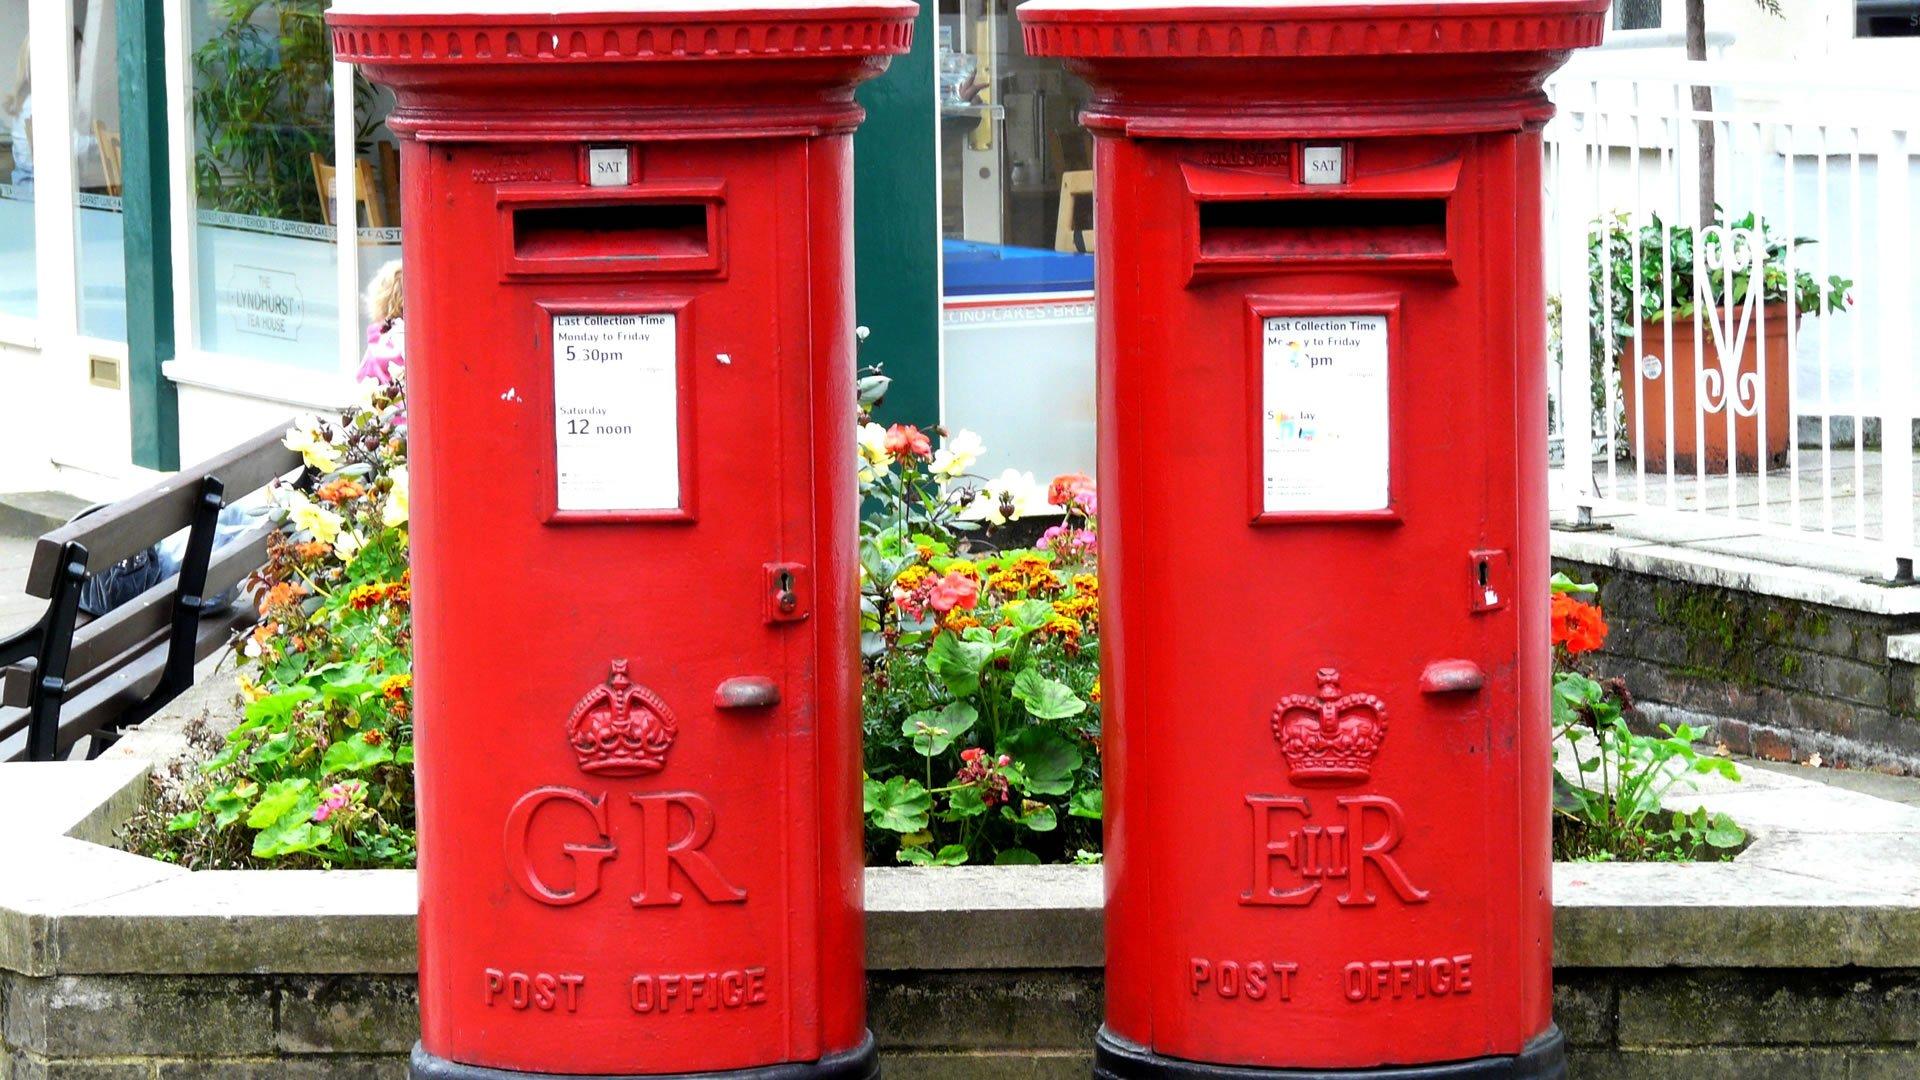 Buzones de correos en el reino unido - Buzones de correos madrid ...